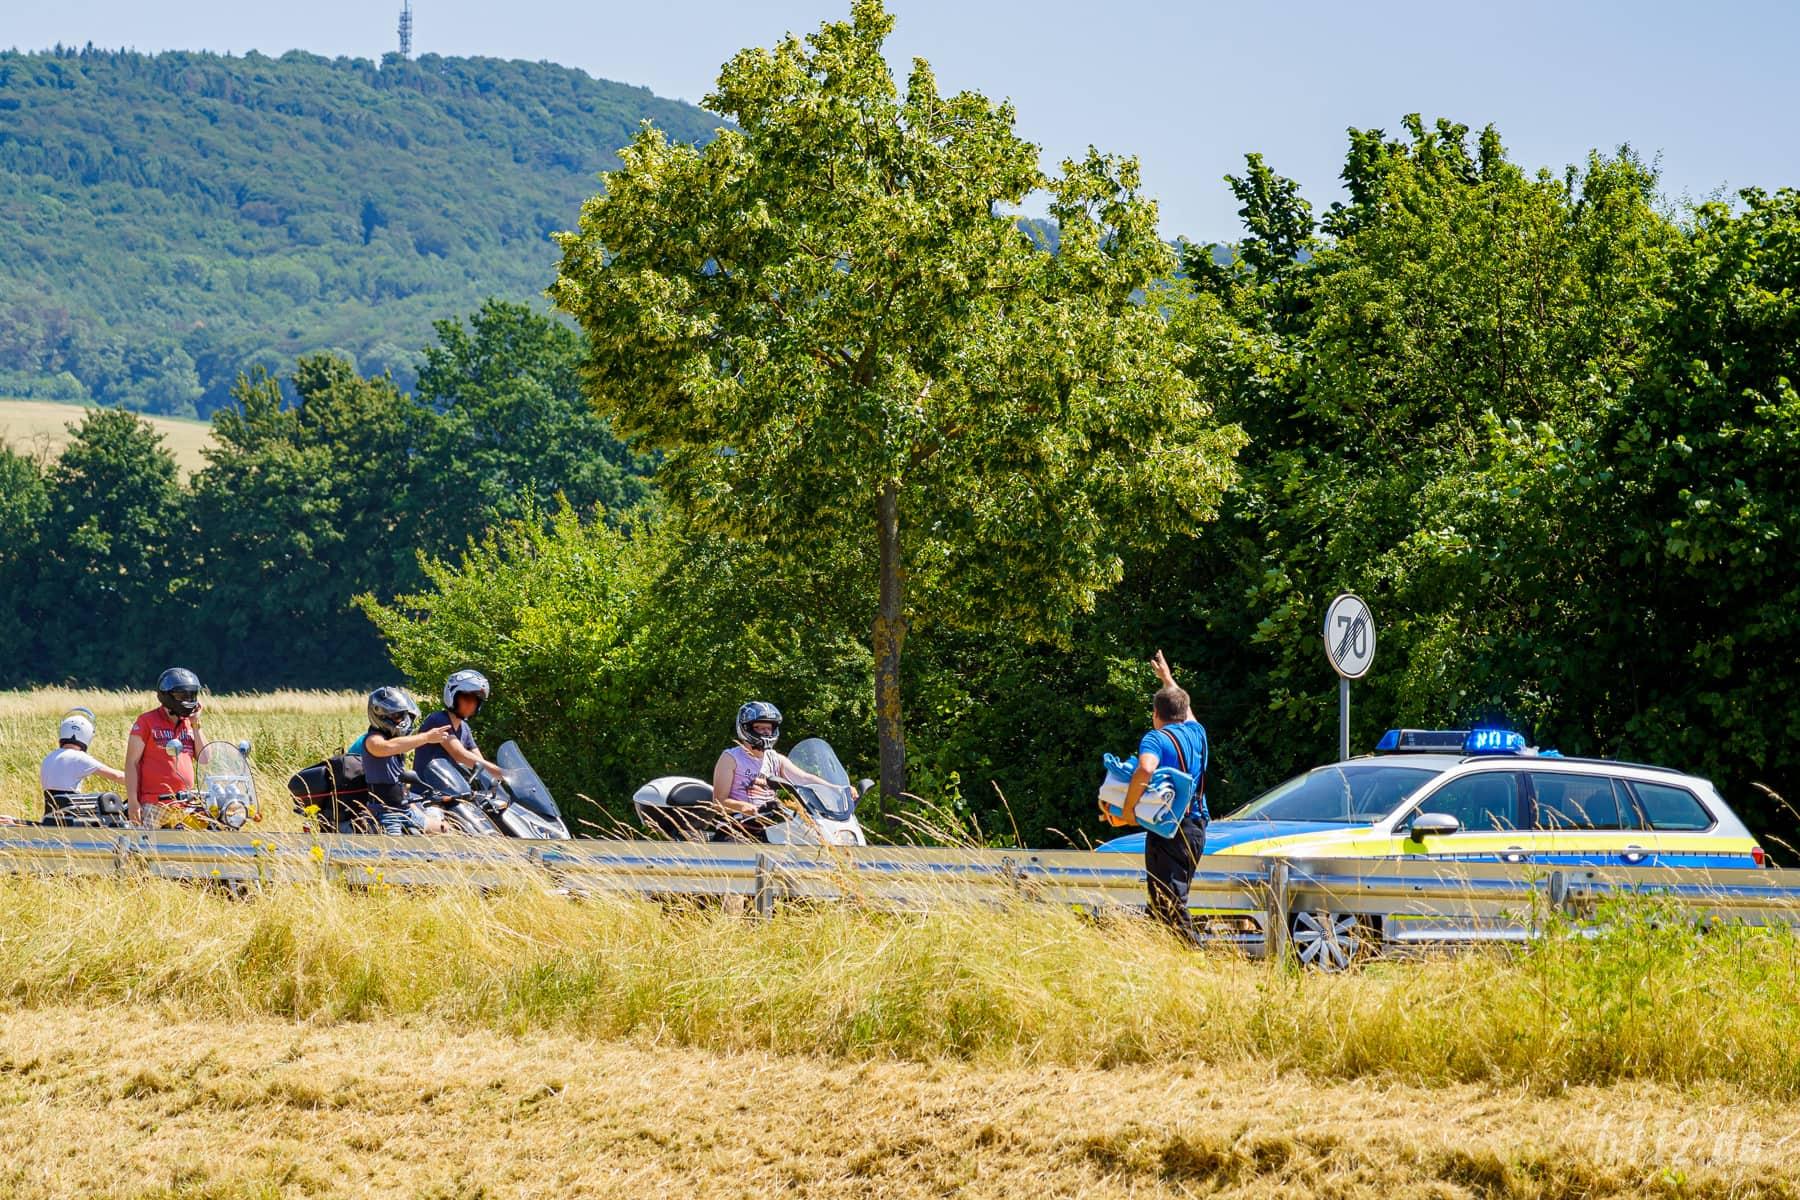 Der Feuerwehrmann fordert die Gaffer auf, umzudrehen und weiterzufahren (Foto: n112.de/Stefan Simonsen)